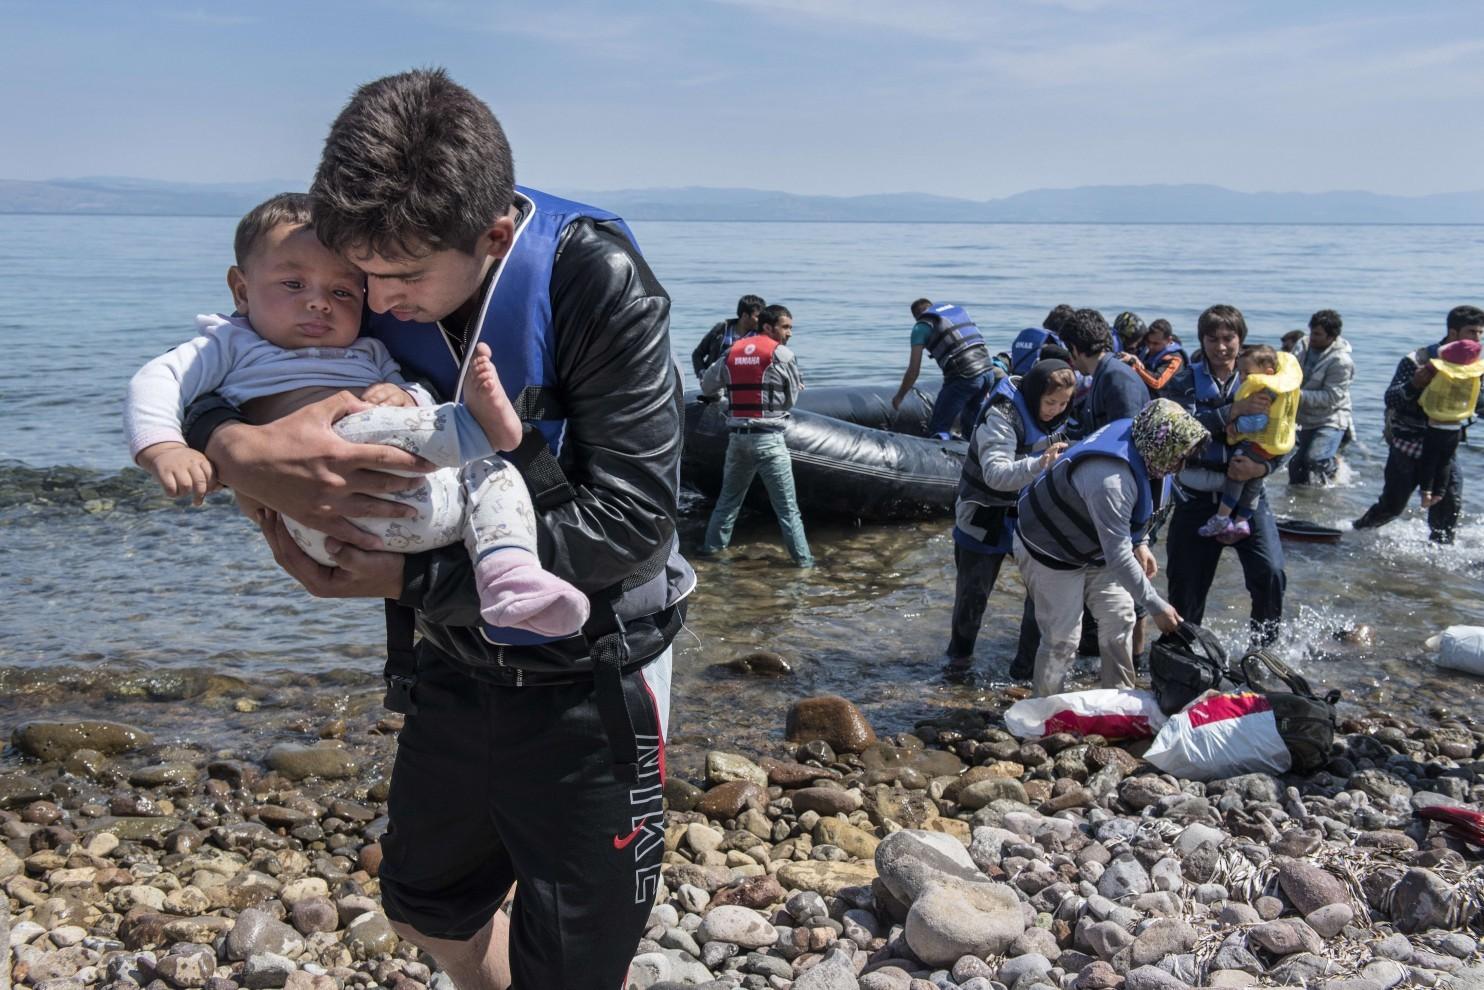 صورة أين ليبيا من اليوم العالمي للاجئين؟